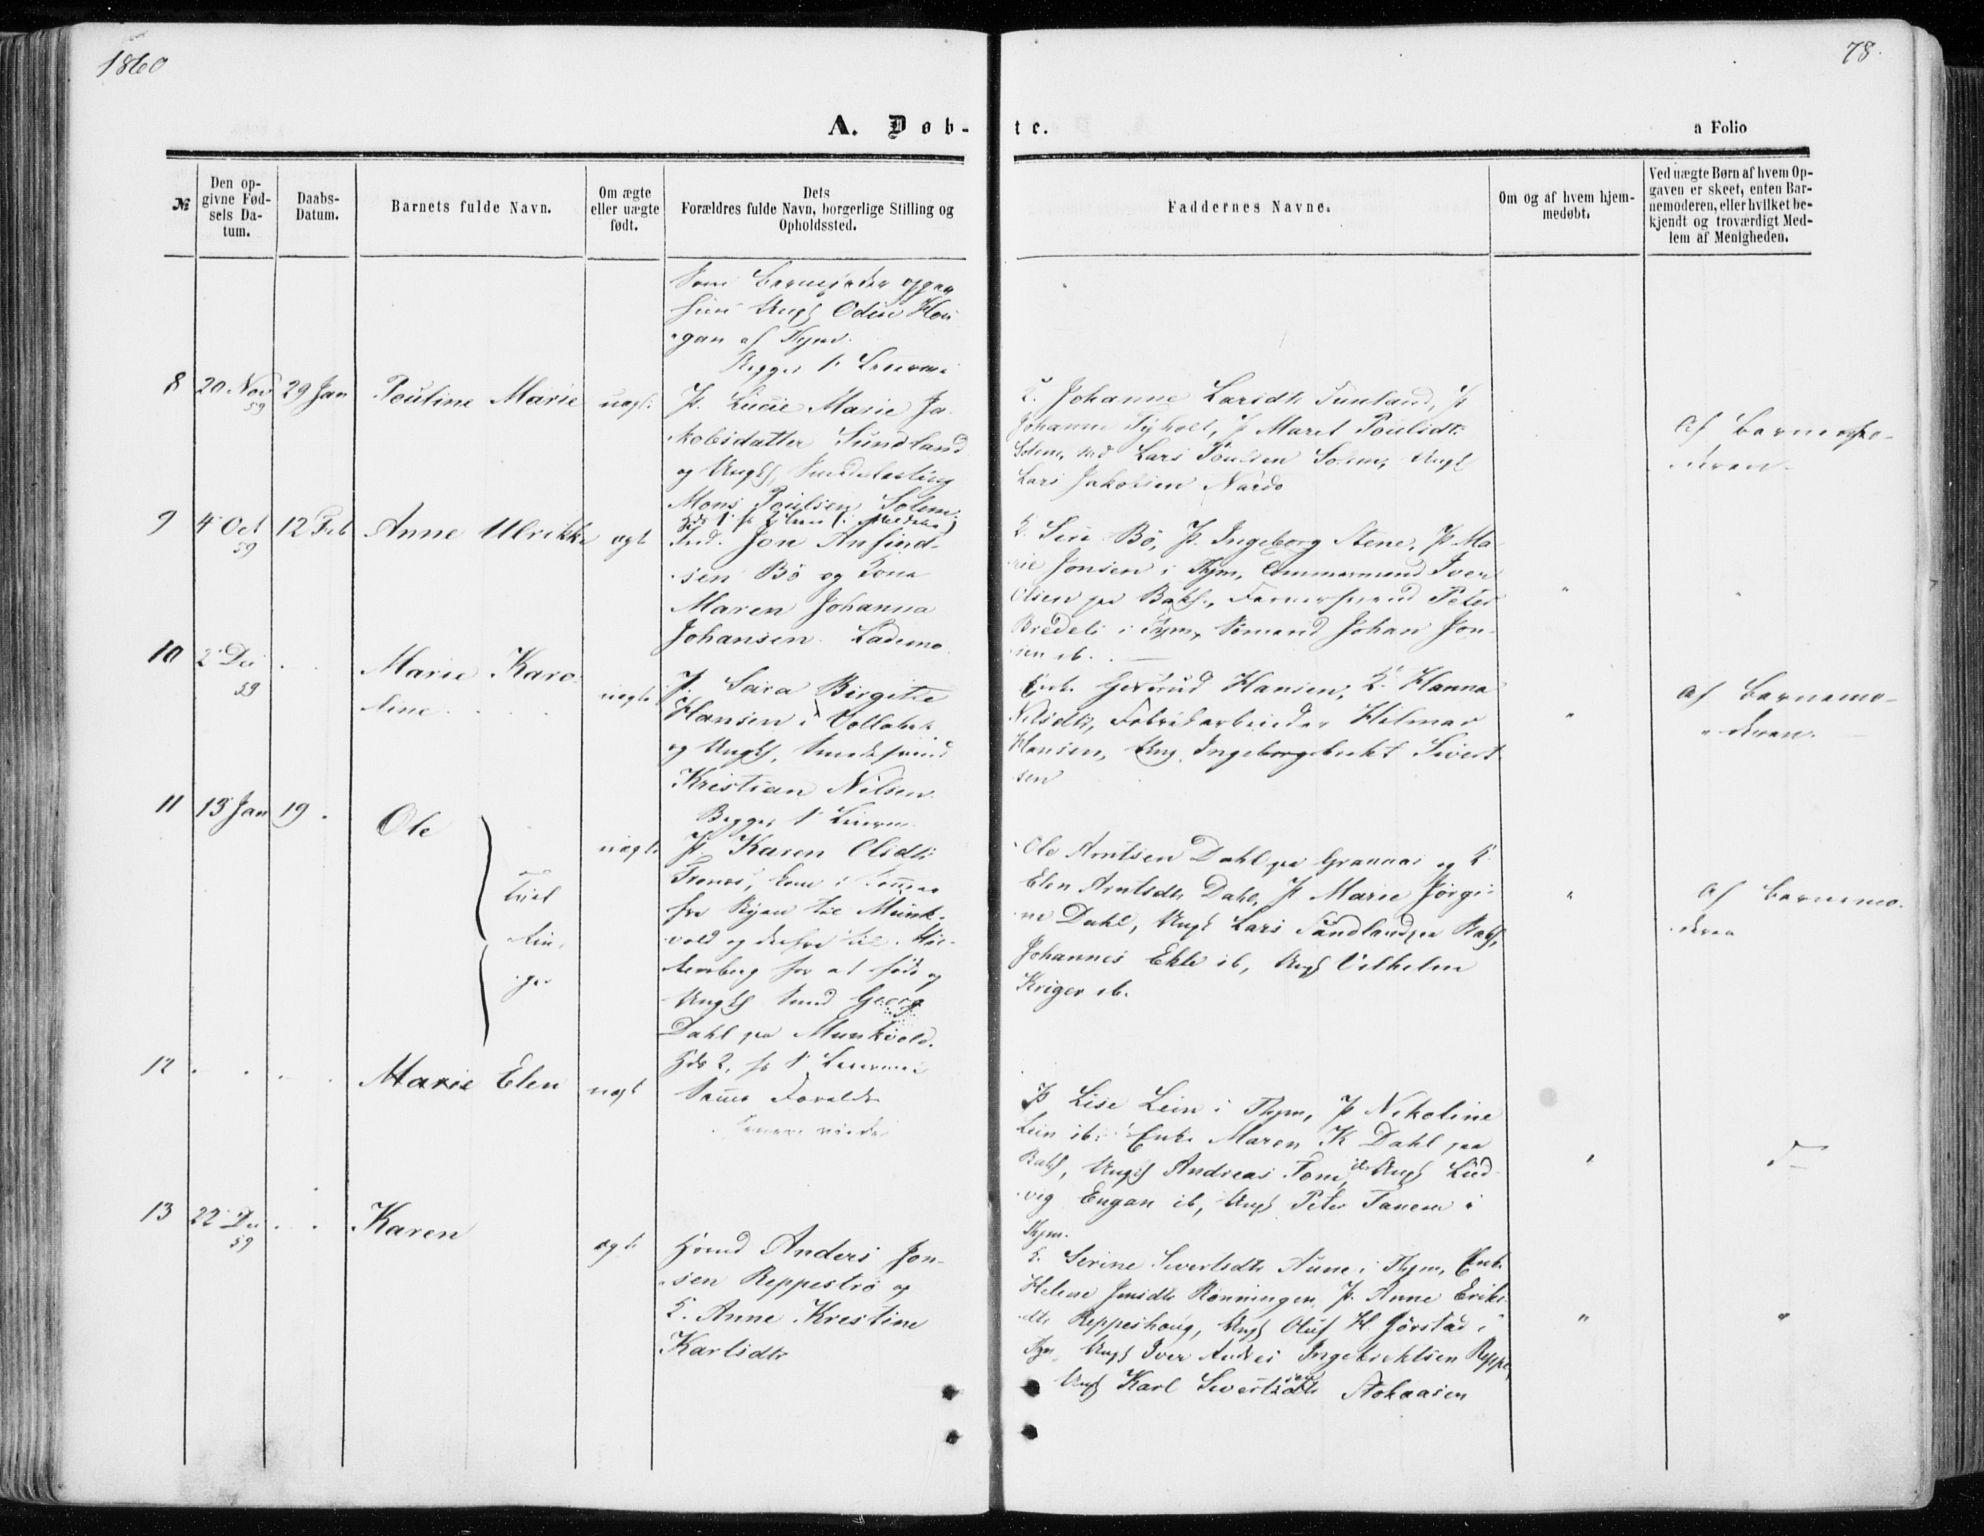 SAT, Ministerialprotokoller, klokkerbøker og fødselsregistre - Sør-Trøndelag, 606/L0292: Ministerialbok nr. 606A07, 1856-1865, s. 78